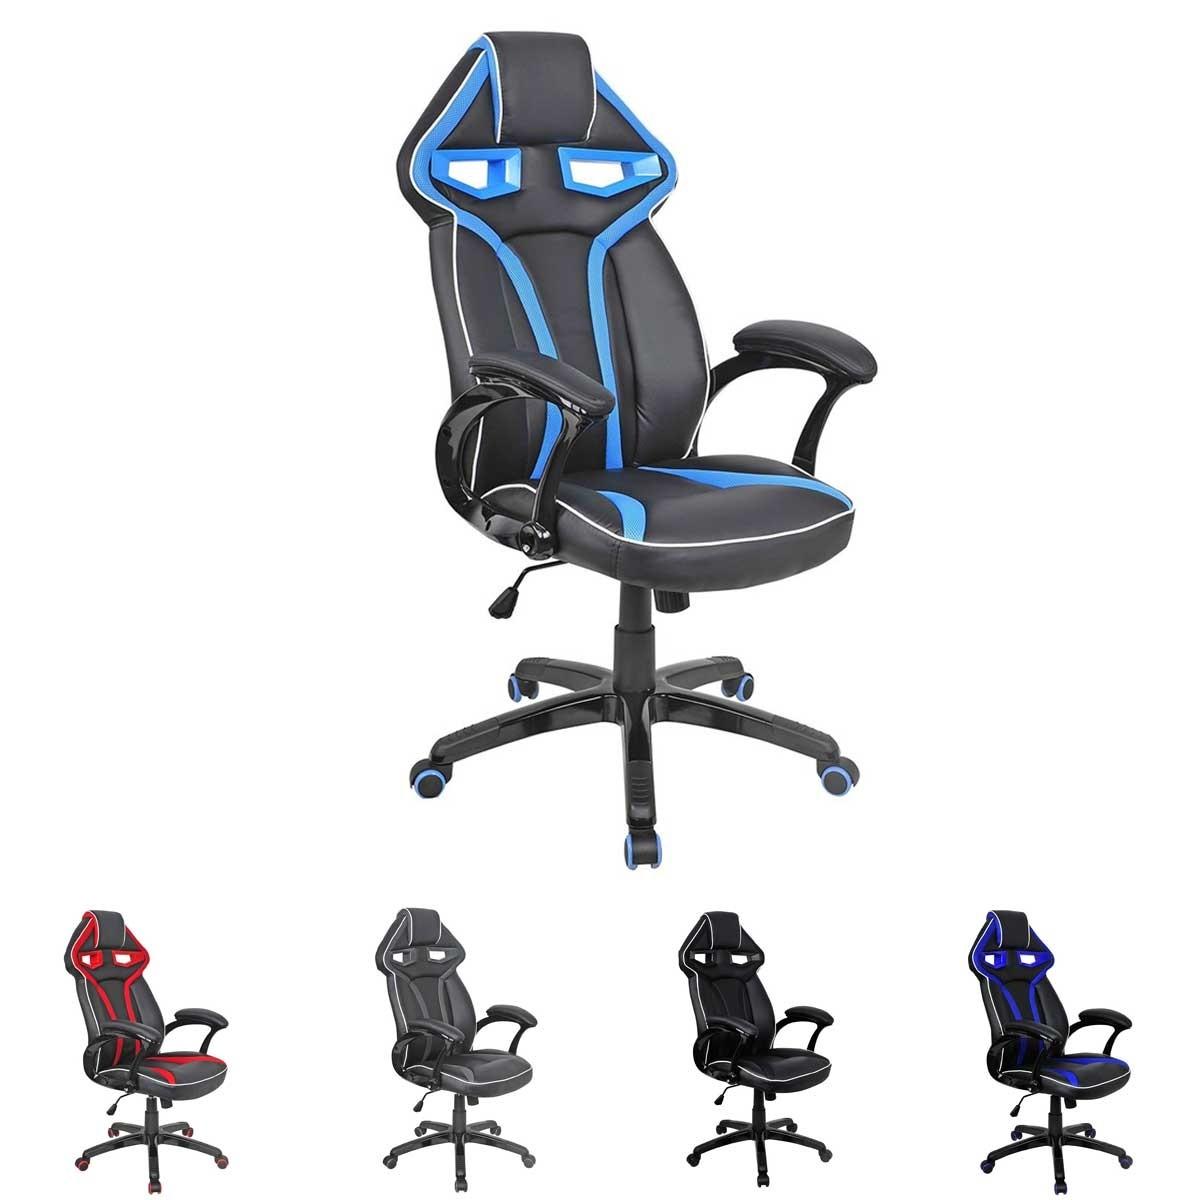 Schön Computerstuhl Das Beste Von Bürostuhl Schreibtischstuhl Drehstuhl Chefsessel In 5 Farben